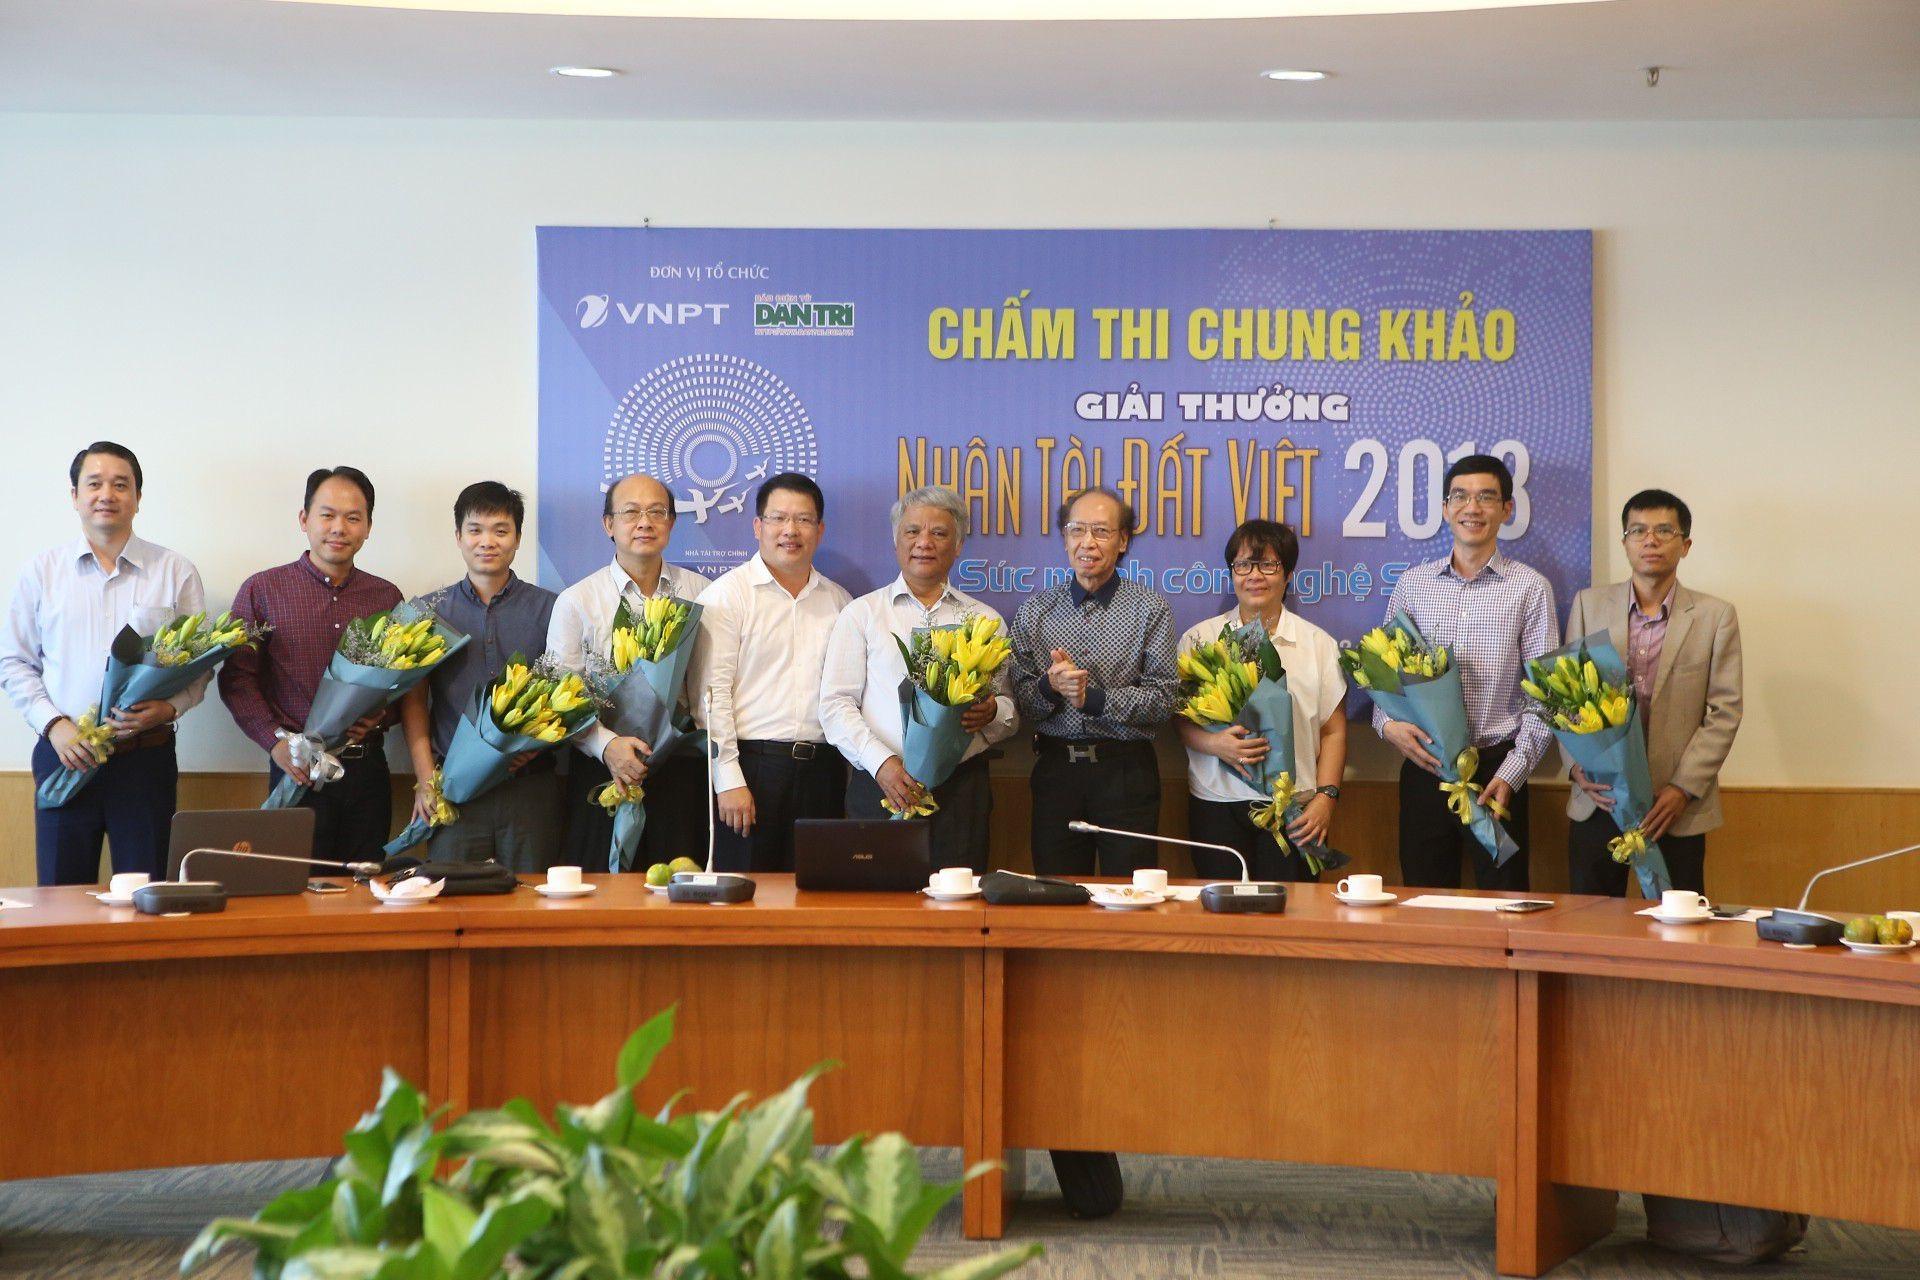 Đại diện BTC tặng hoa các thầy cô giáo trong hội đồng giám khảo của Giải thưởng NTĐV 2018 mừng ngày Nhà giáo Việt Nam 20/11.